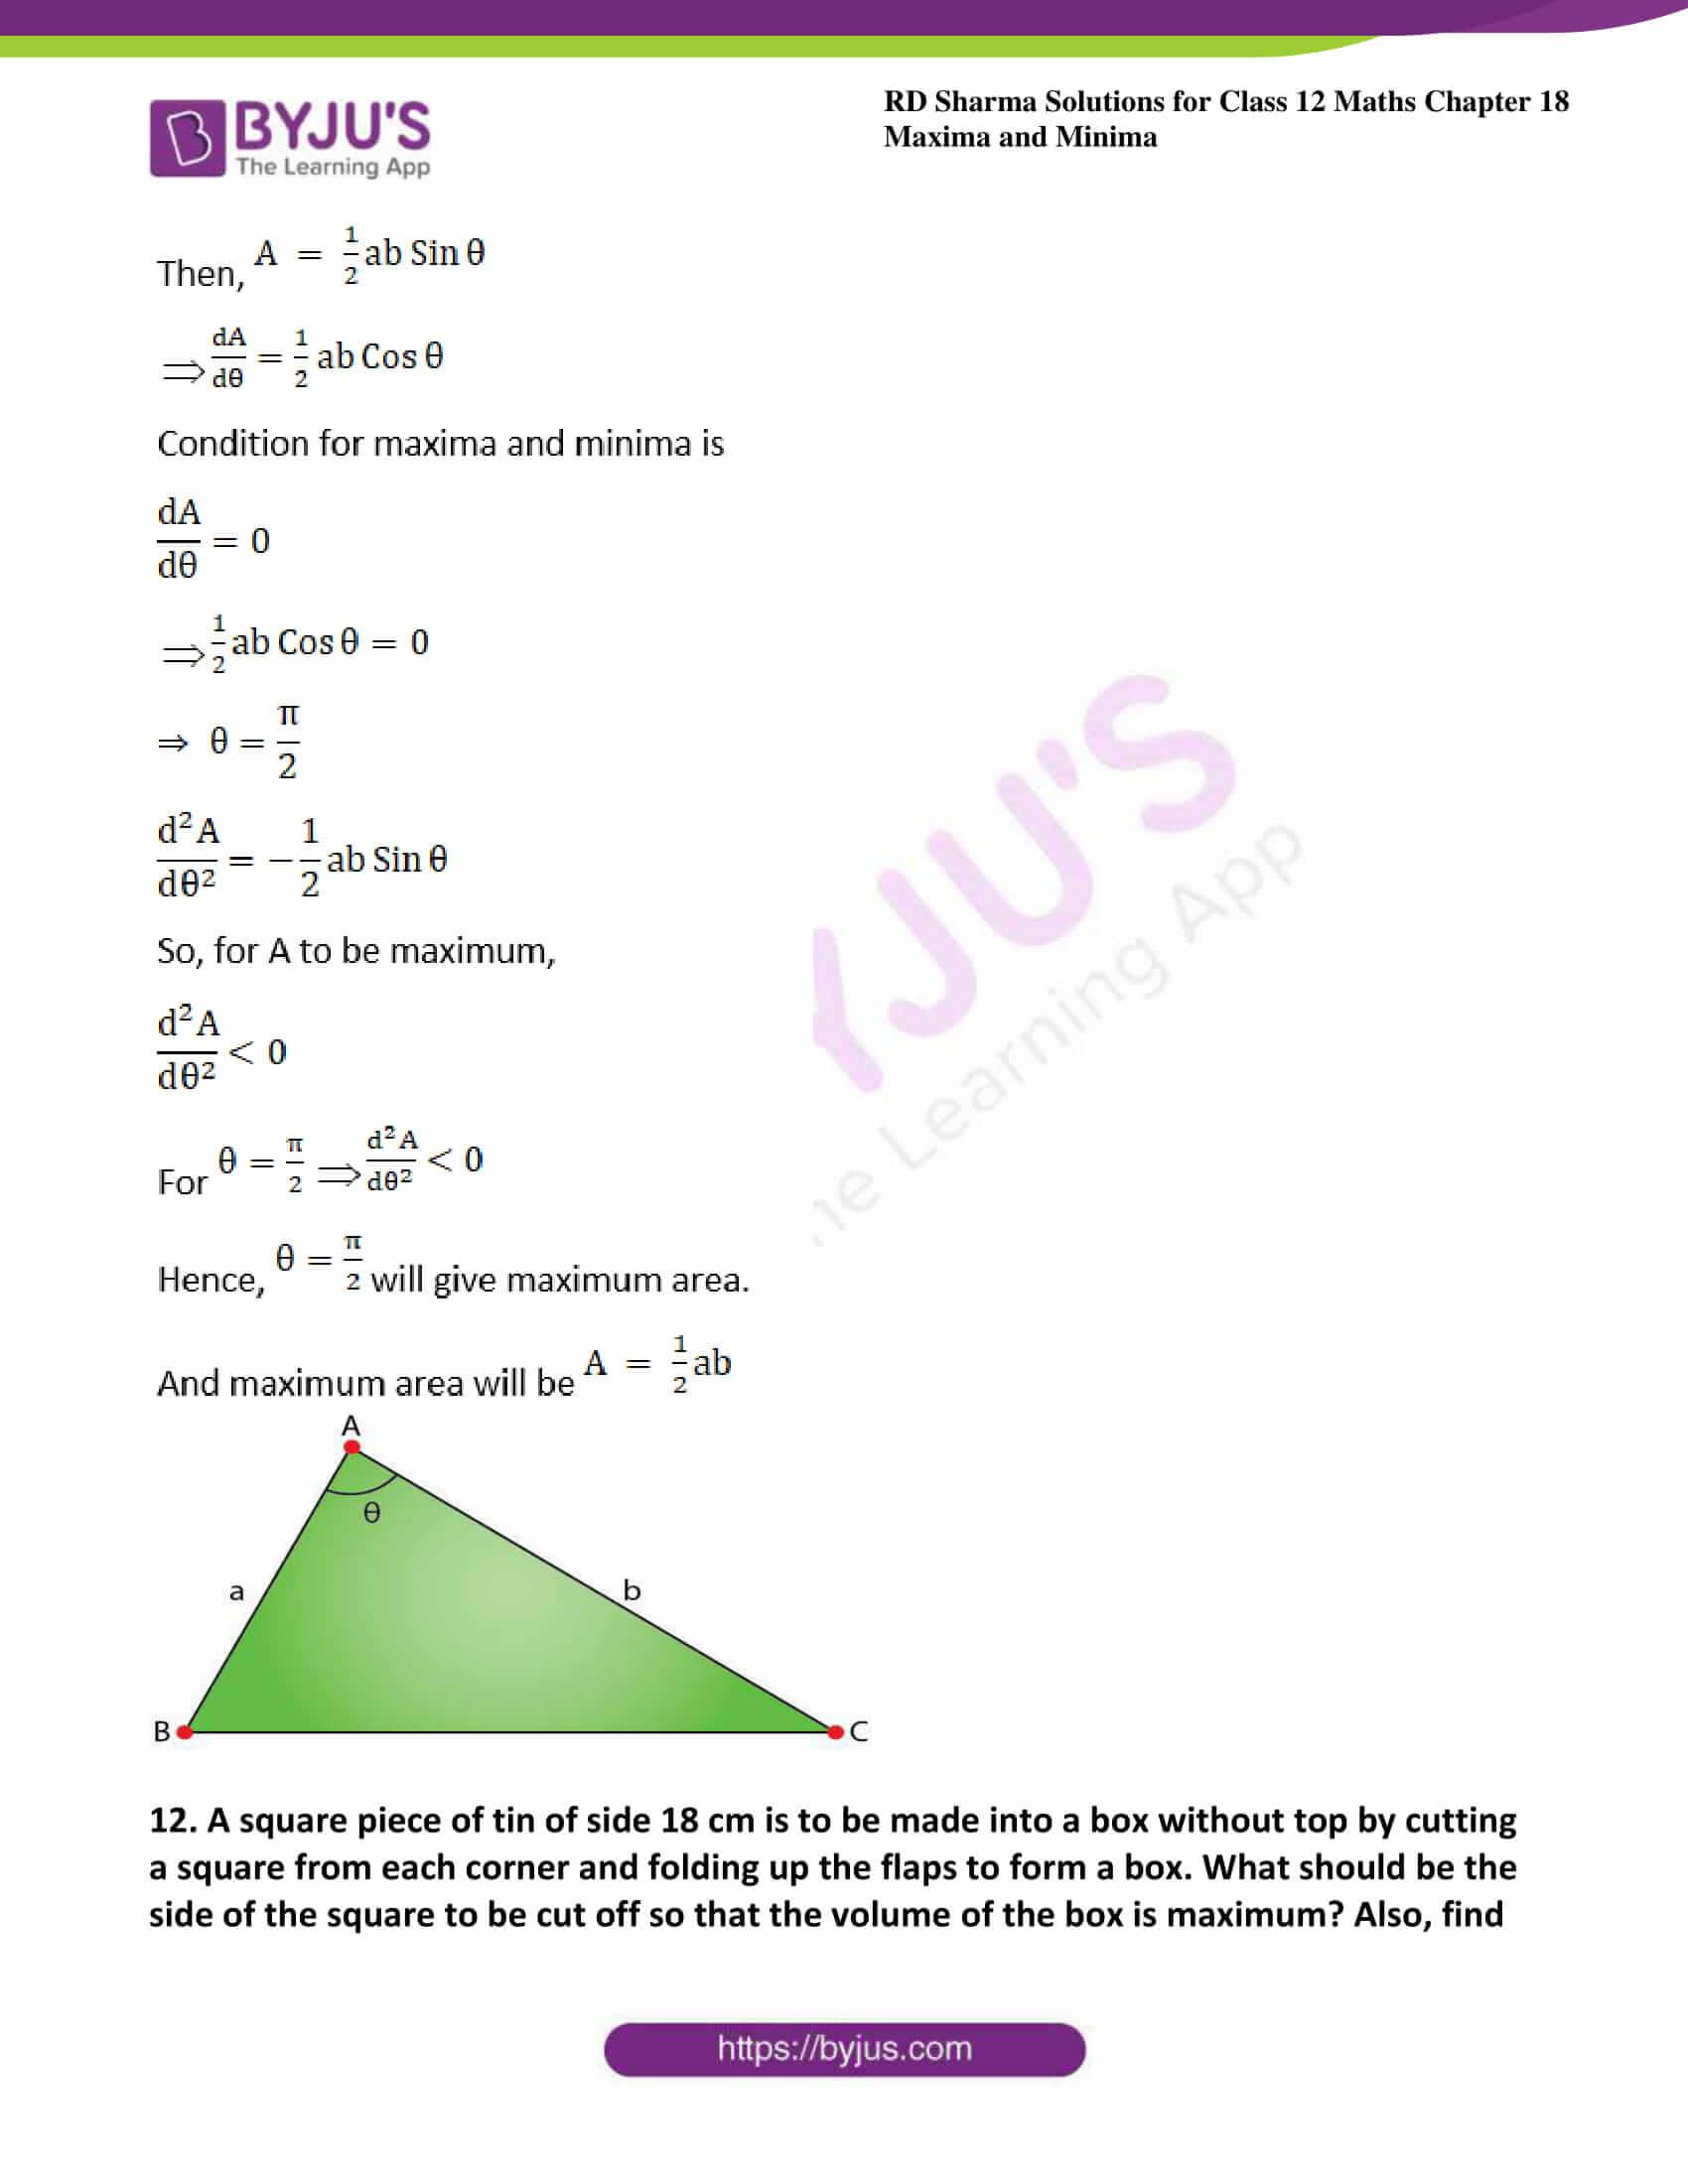 rd sharma class 12 maths sol chap 18 ex 5 15